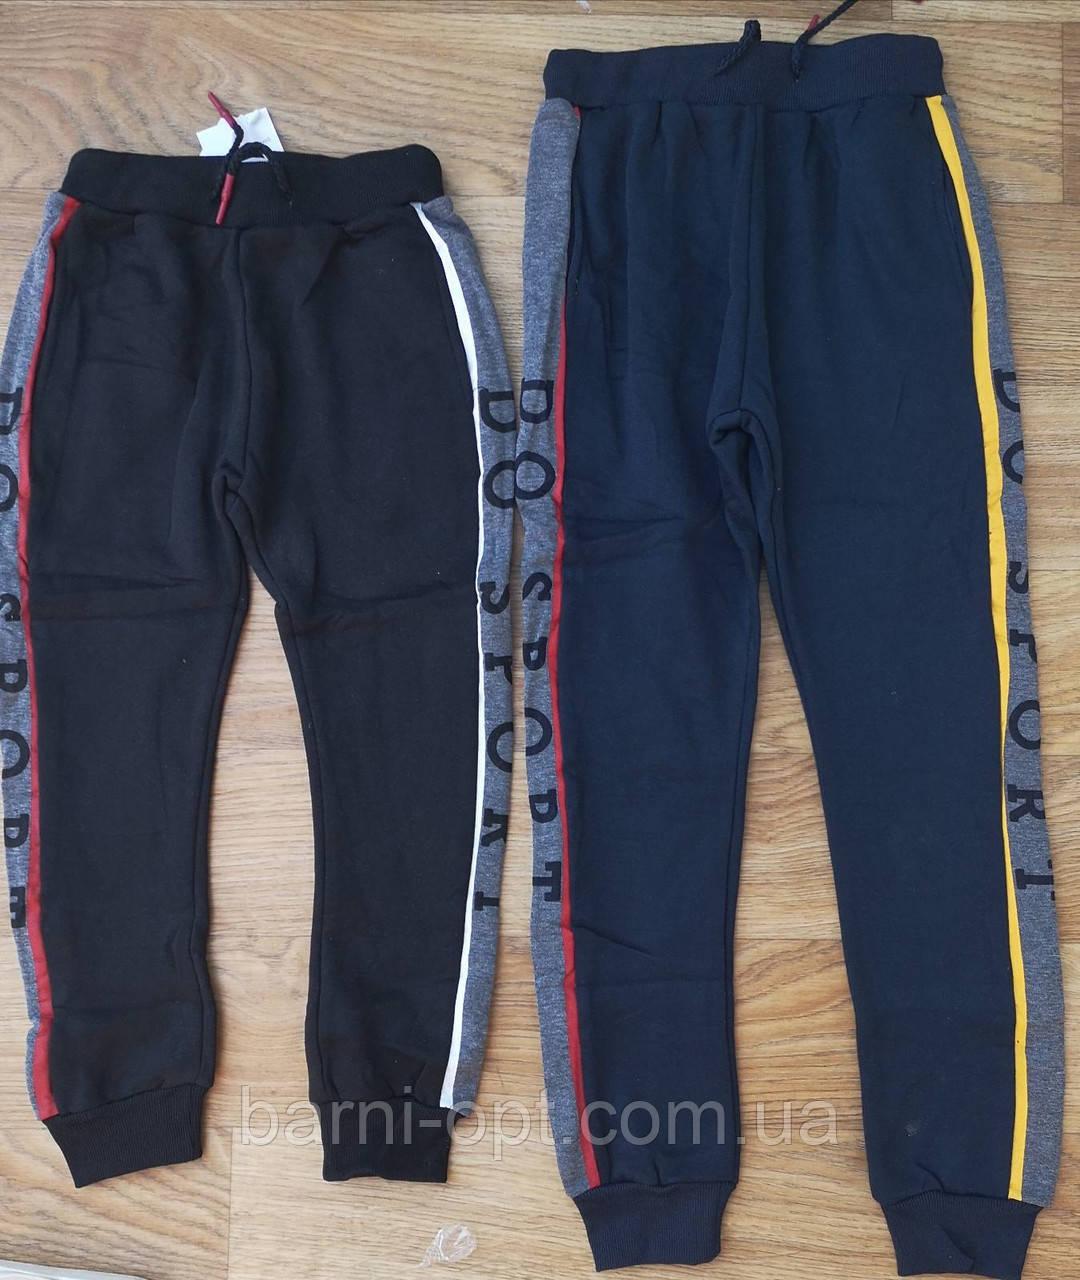 Спортивні штани утеплені на хлопчика оптом, Crossfire, 8-16 рр